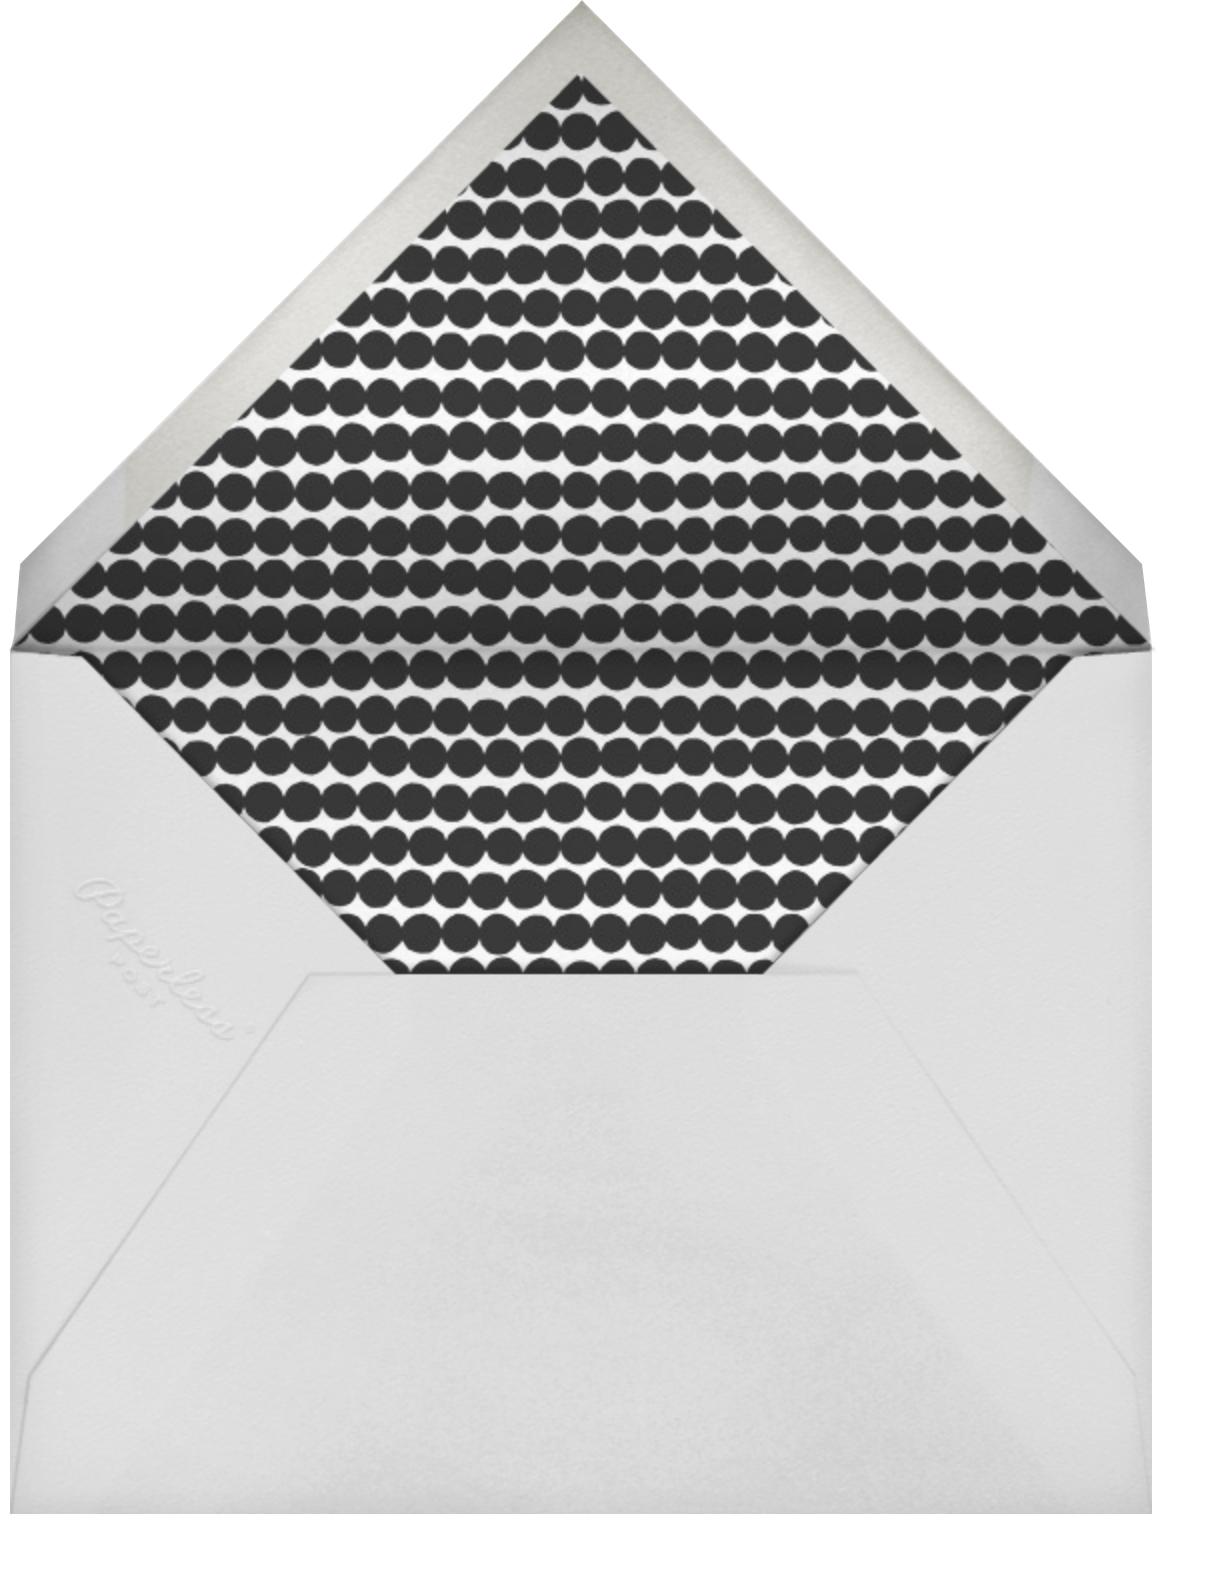 Karkuteilla - Orange - Marimekko - Envelope